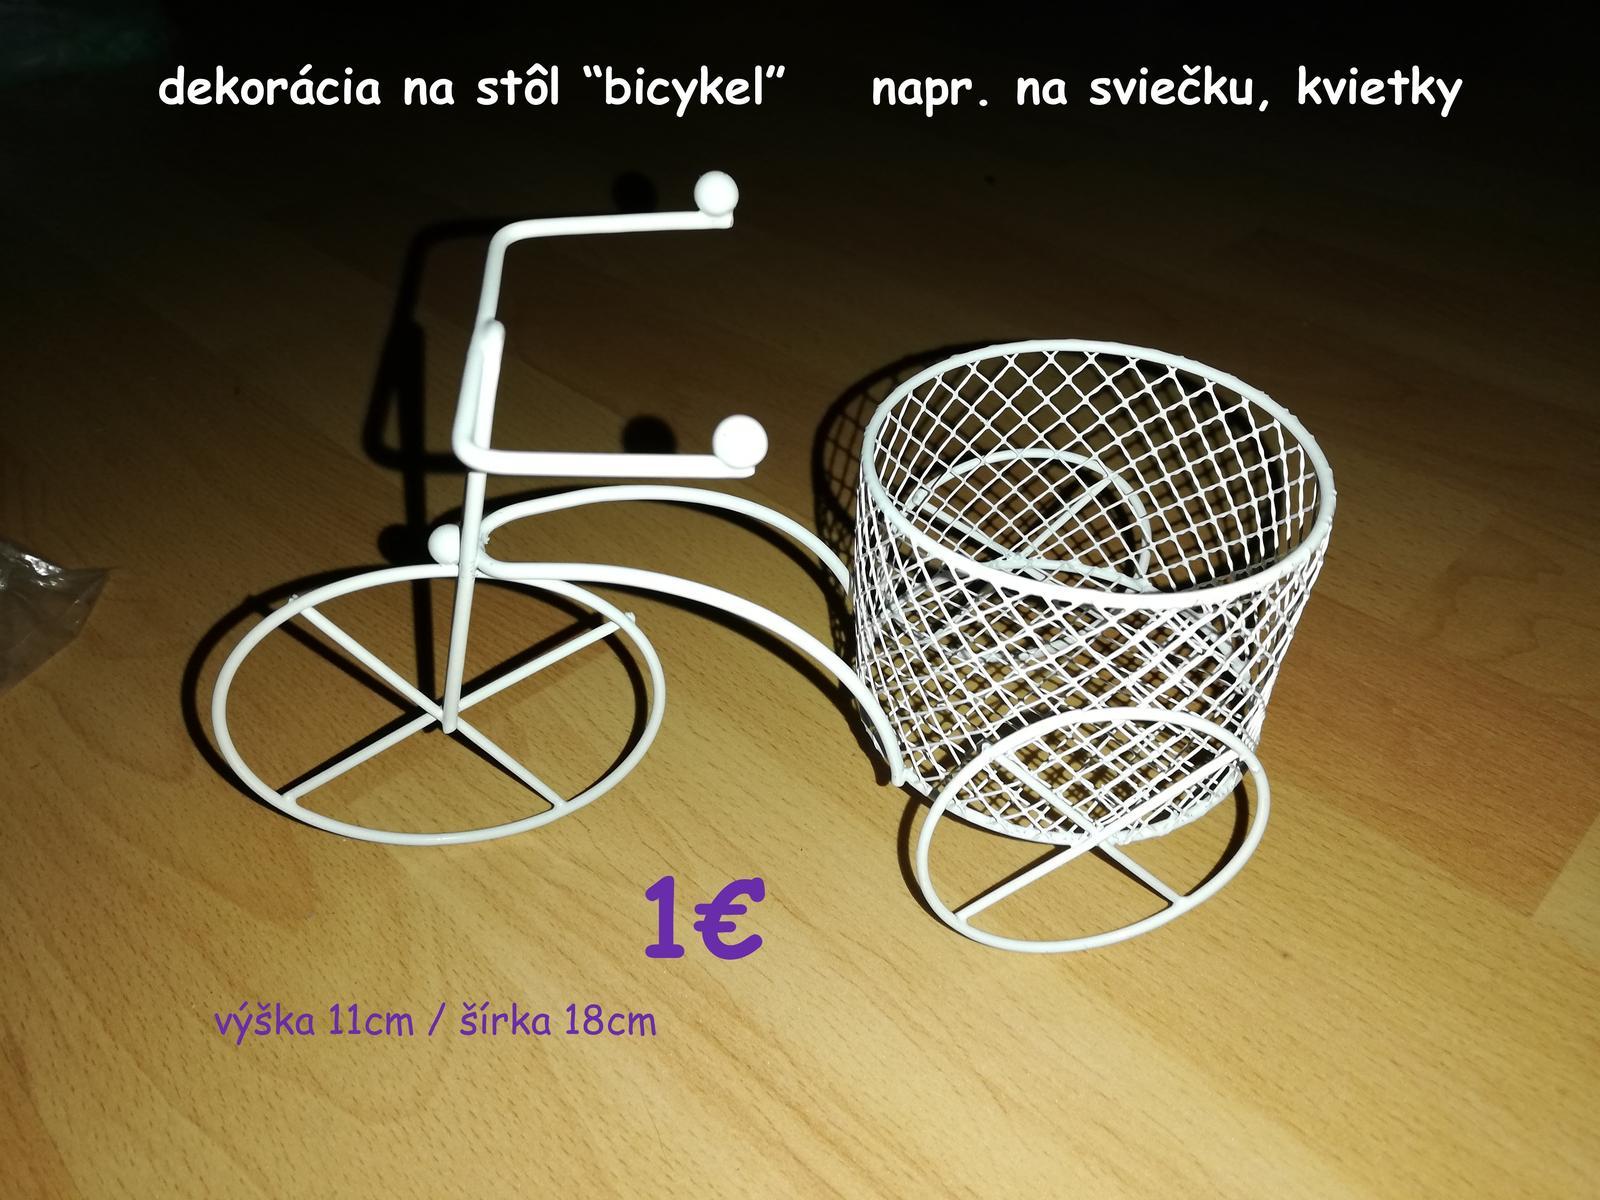 dekorácia kanvička s levanduľou, dekorácia biela - kovový bicykel - Obrázok č. 2